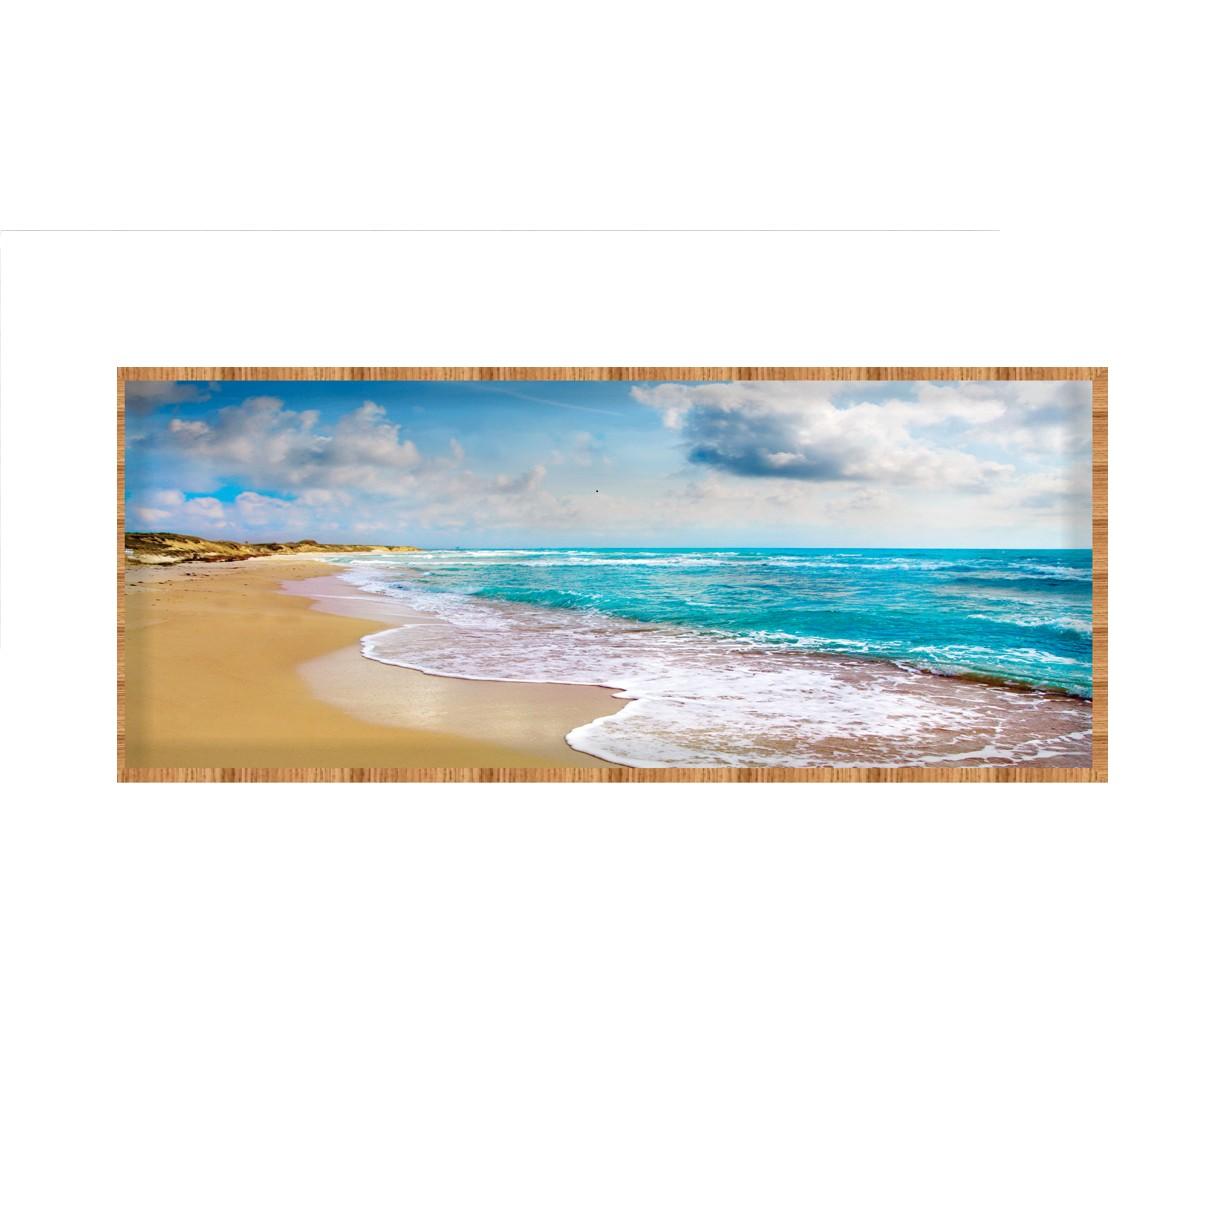 Quadro Decorativo 40x100 cm Mar 1046 - Art Frame